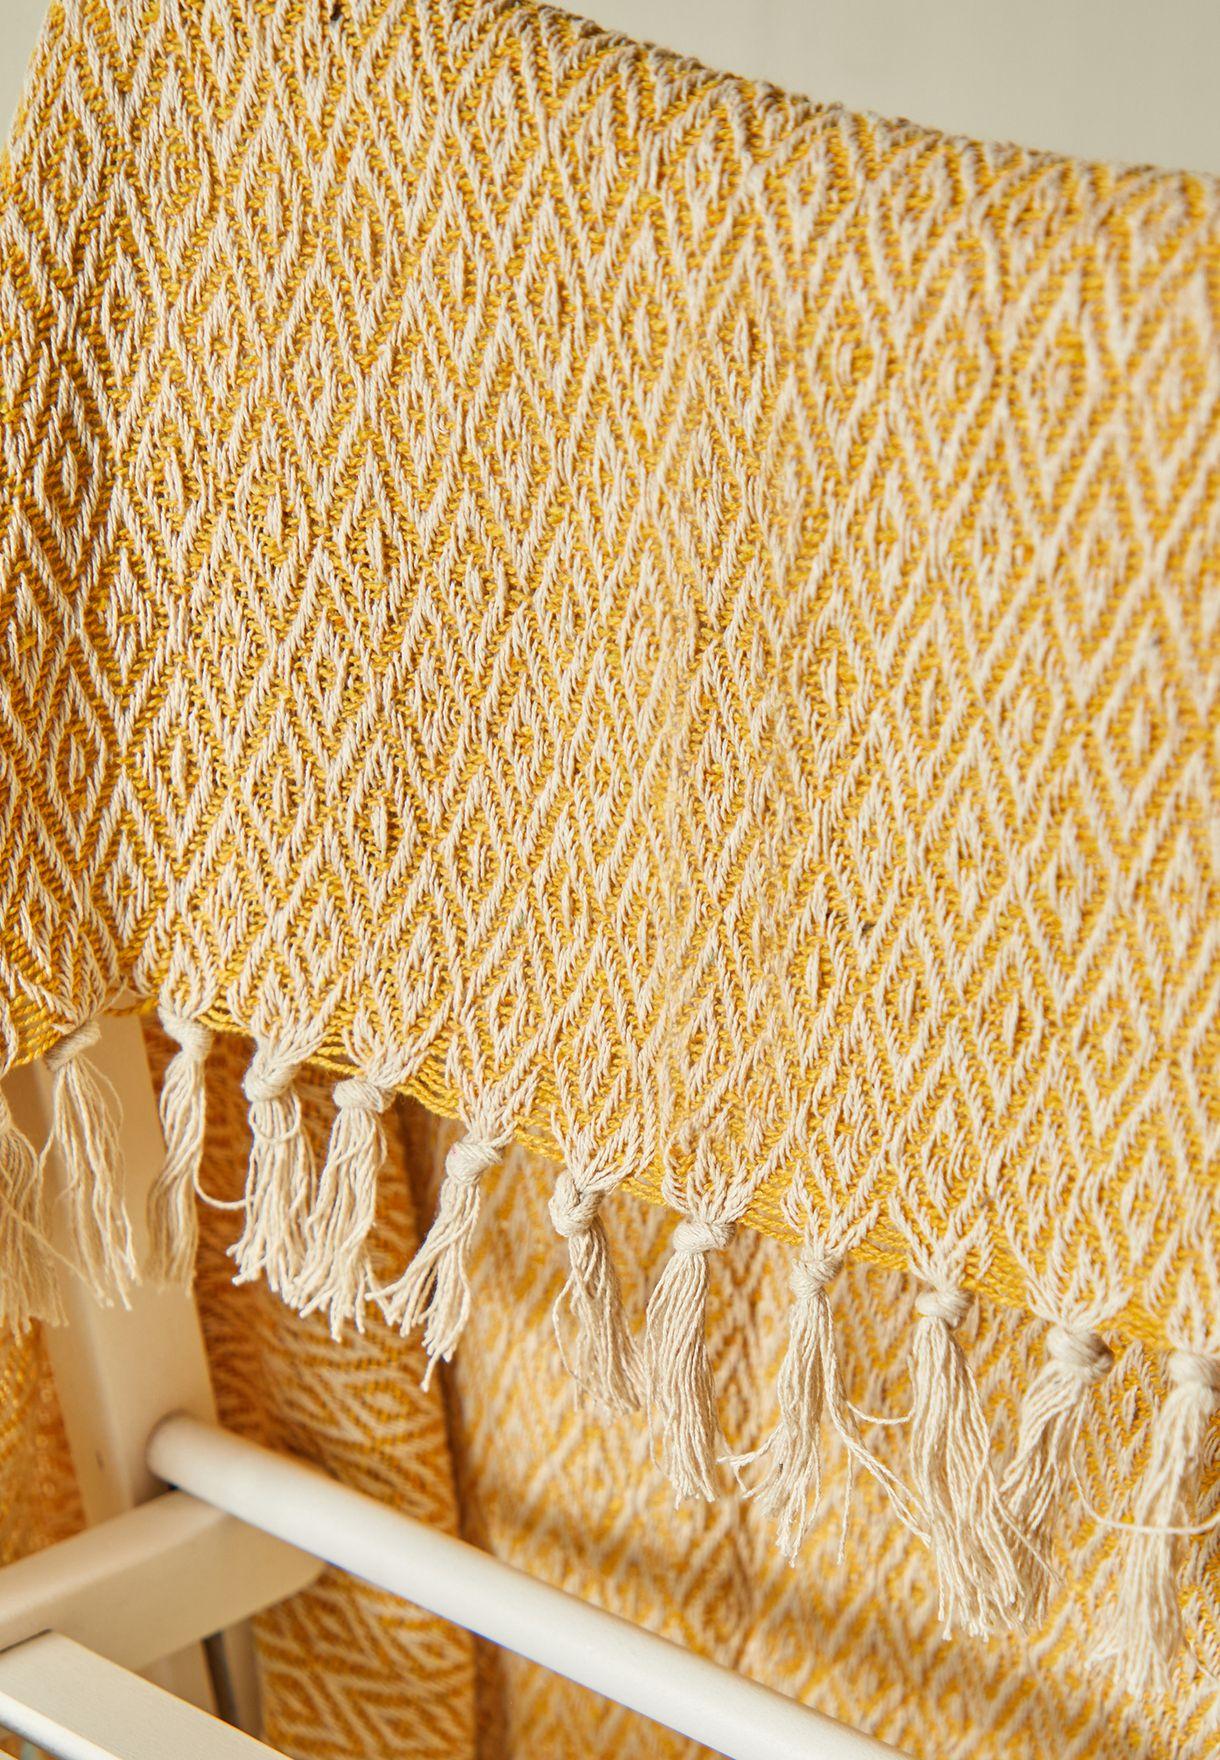 بطانية بوهو بشراشيب